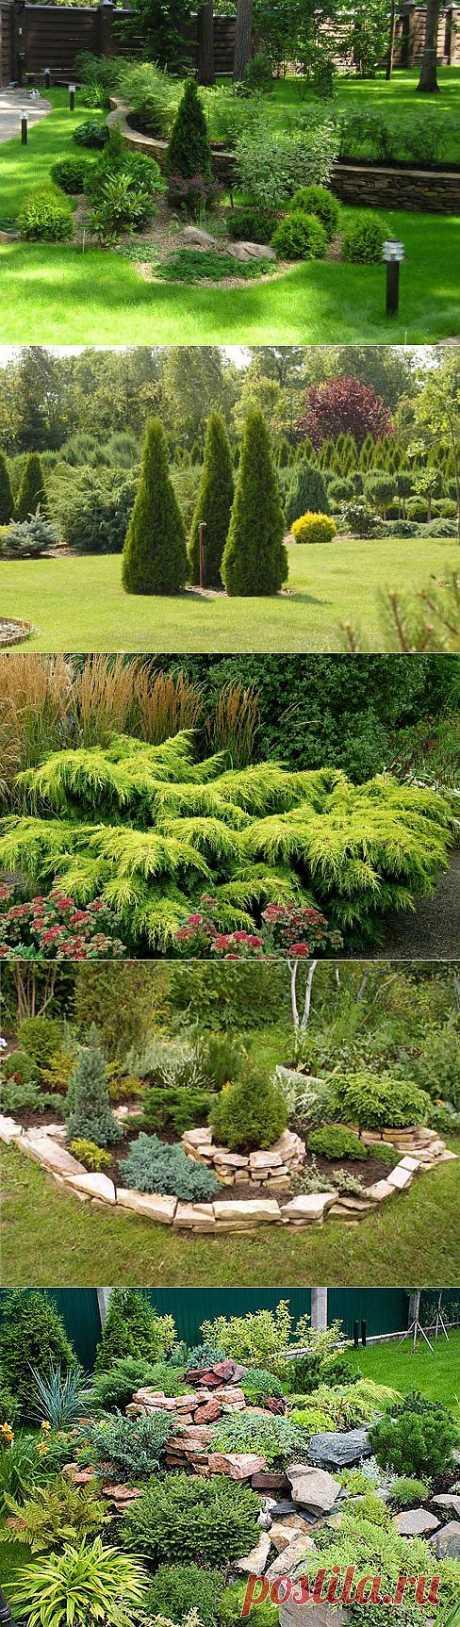 Хвойные растения как искусство создания приусадебного участка.